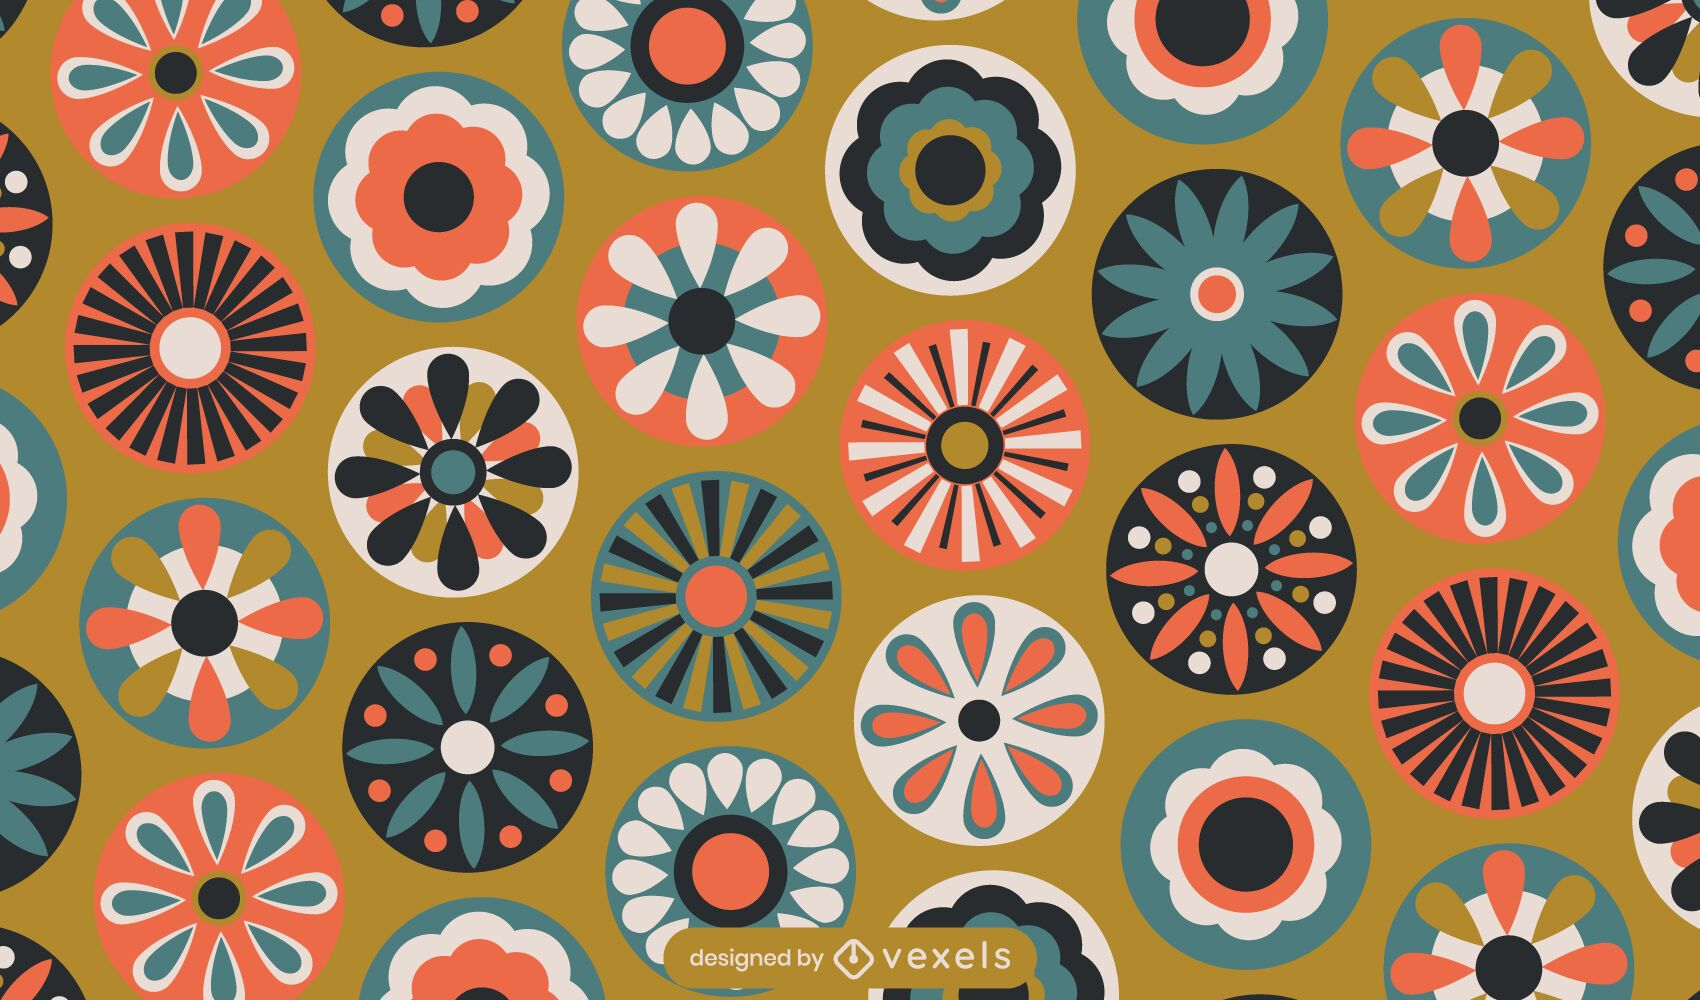 Diseño de patrón de flores geométricas